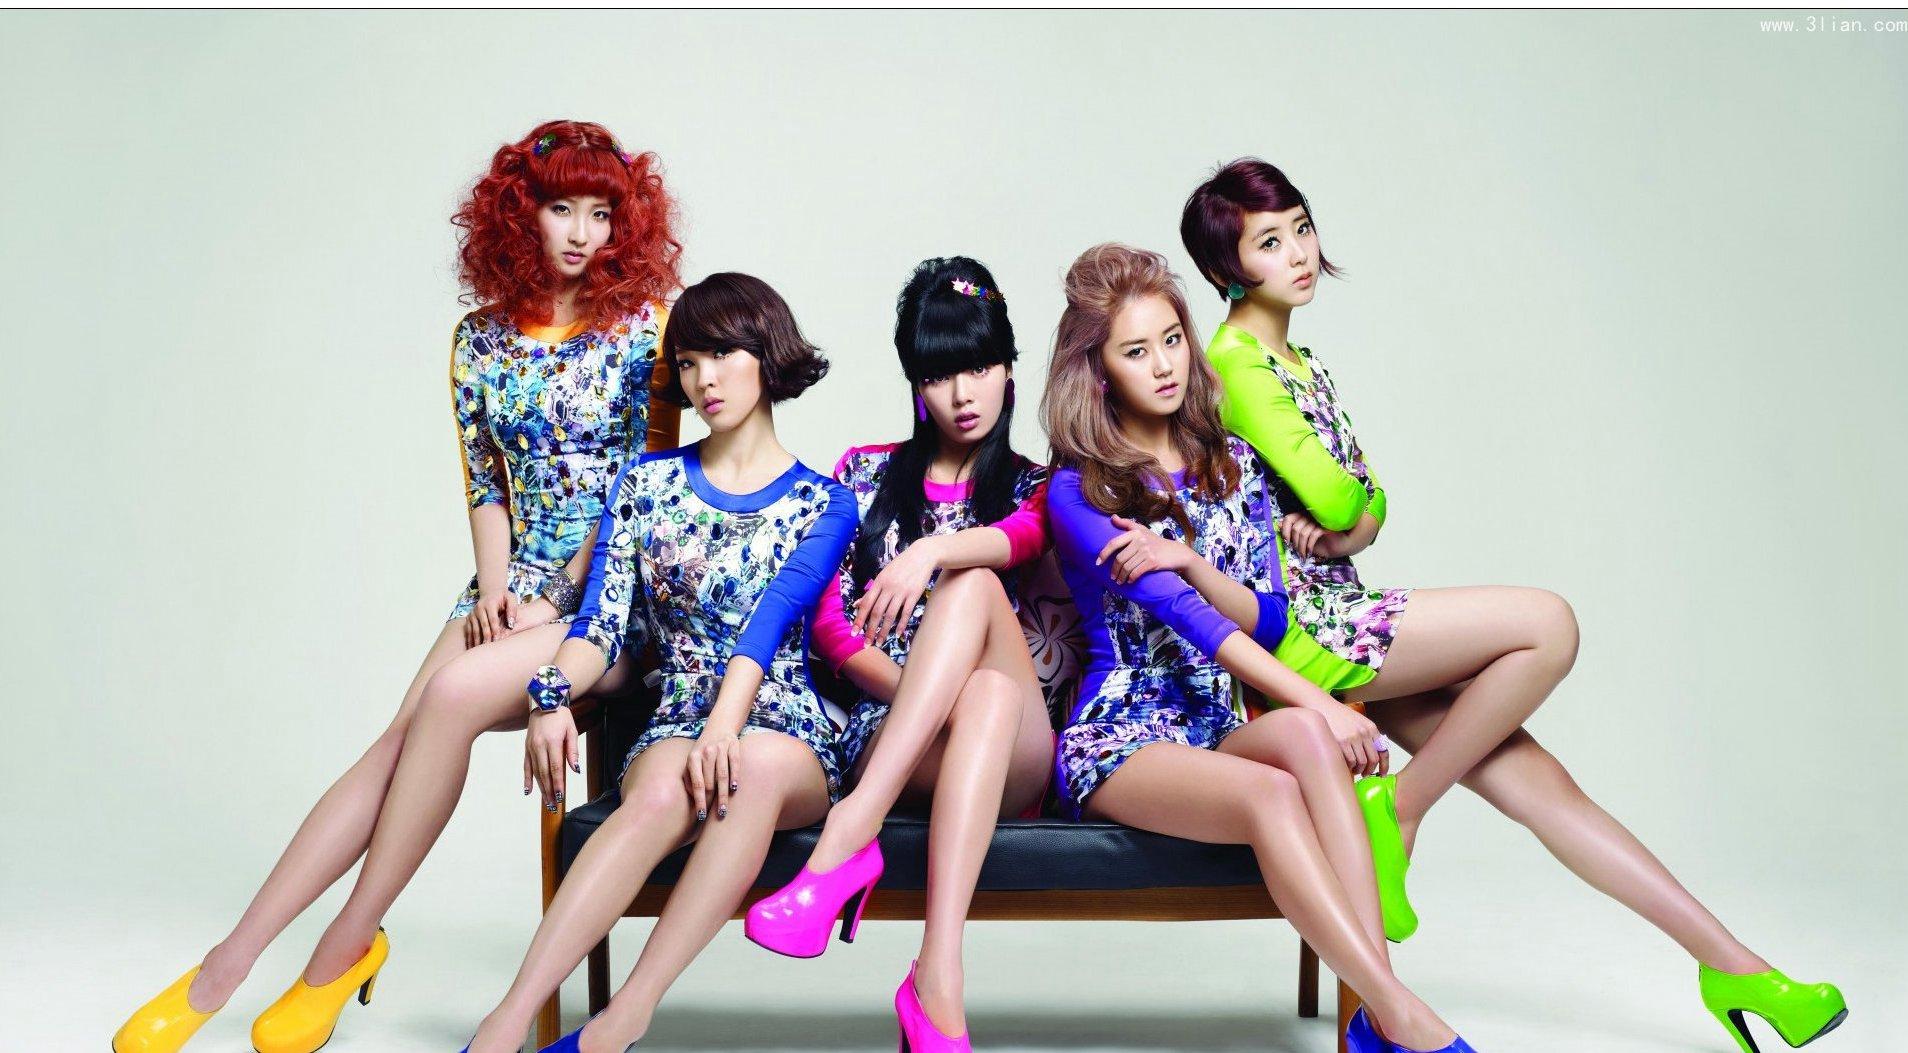 在韩国众多的女生当中,你是否会已经看到眼花缭乱了呢,而这样万花怒放的韩国娱乐圈中,韩国女子组合争宠也已经是常见的事了,到底韩国女子组合有哪里,韩国女子组合排名在大众心目中是怎么样的,立刻来看一下这些养眼的韩国女子组合都有怎样的魅力去征服亚洲男生们的吧!  少女时代这一韩国女子组合是迄今为止,韩国史上合体最久的韩国女子组合,九个女生身怀绝技,从出道刚开始,唱片销量就一直居高不下。  F(x)更倾向于一种雷鬼风的感觉,四个女生所组成的韩国女子组合,每一位都十分有名,在舞蹈还有风格设计上都倾向于活泼热情的质感。